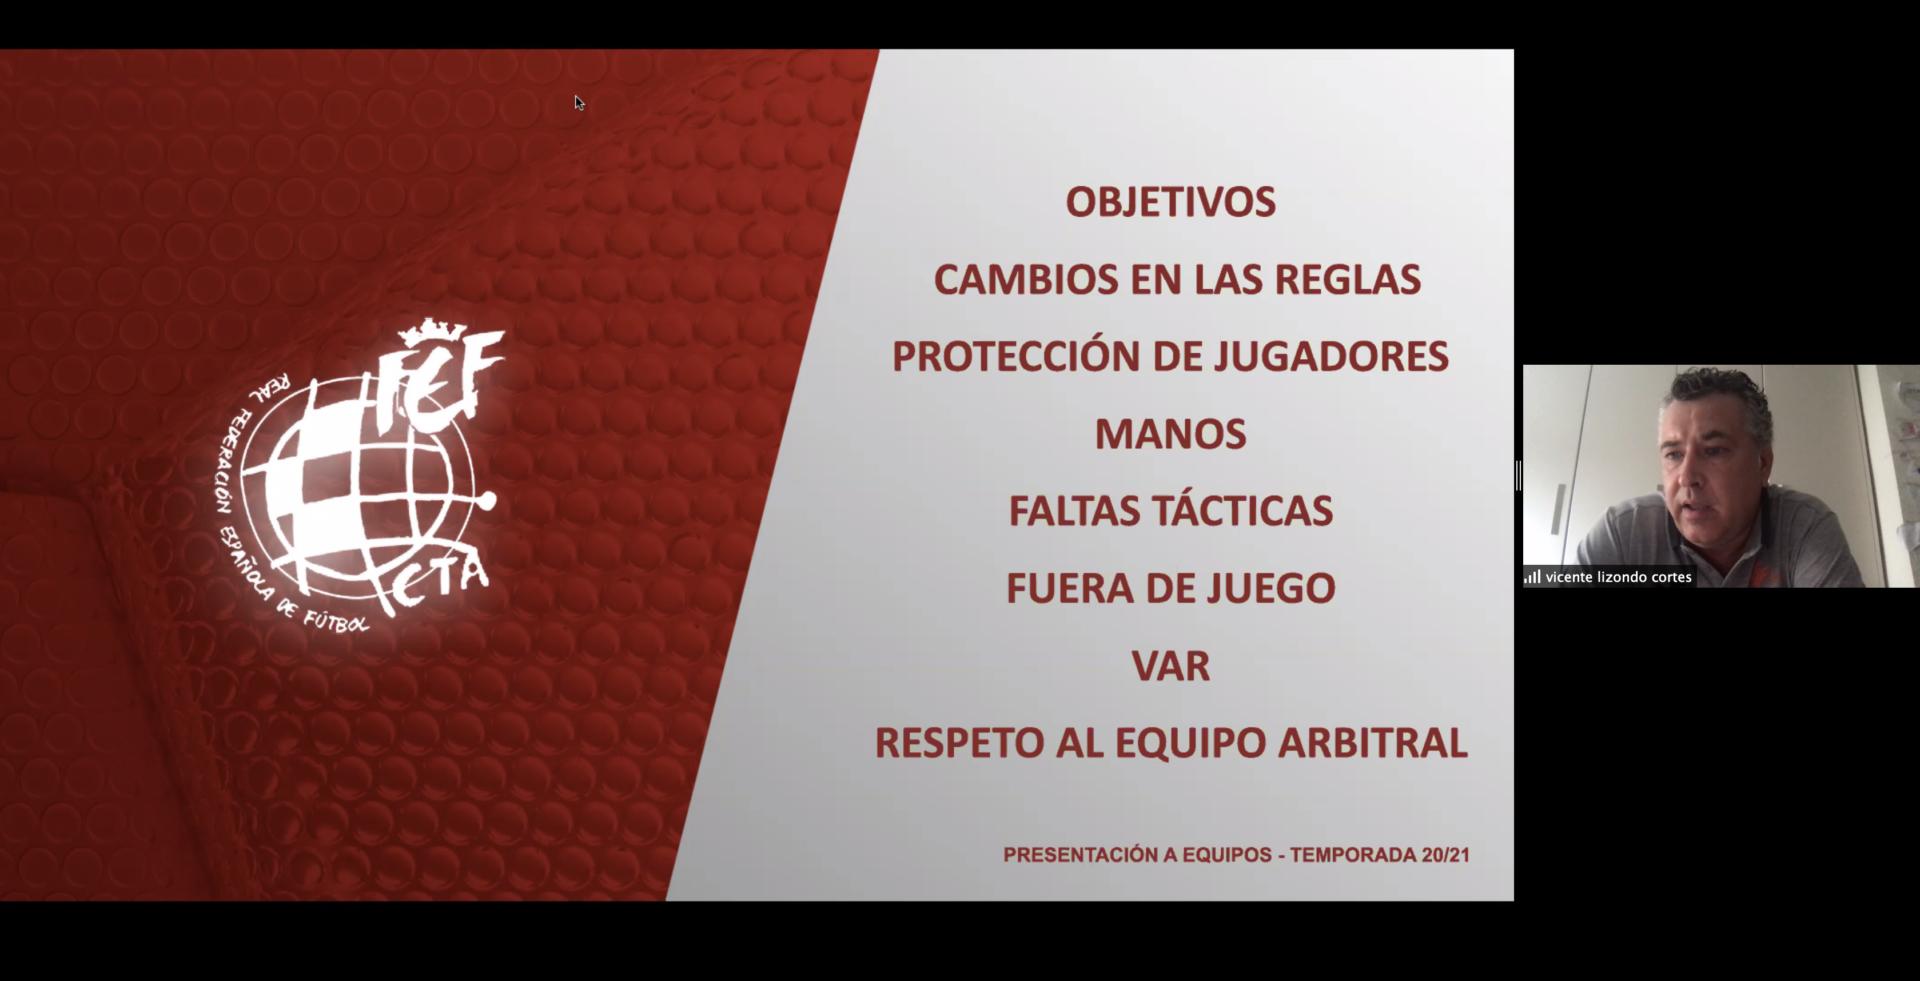 18 sep Reunión online prensa con Lizondo Cortés